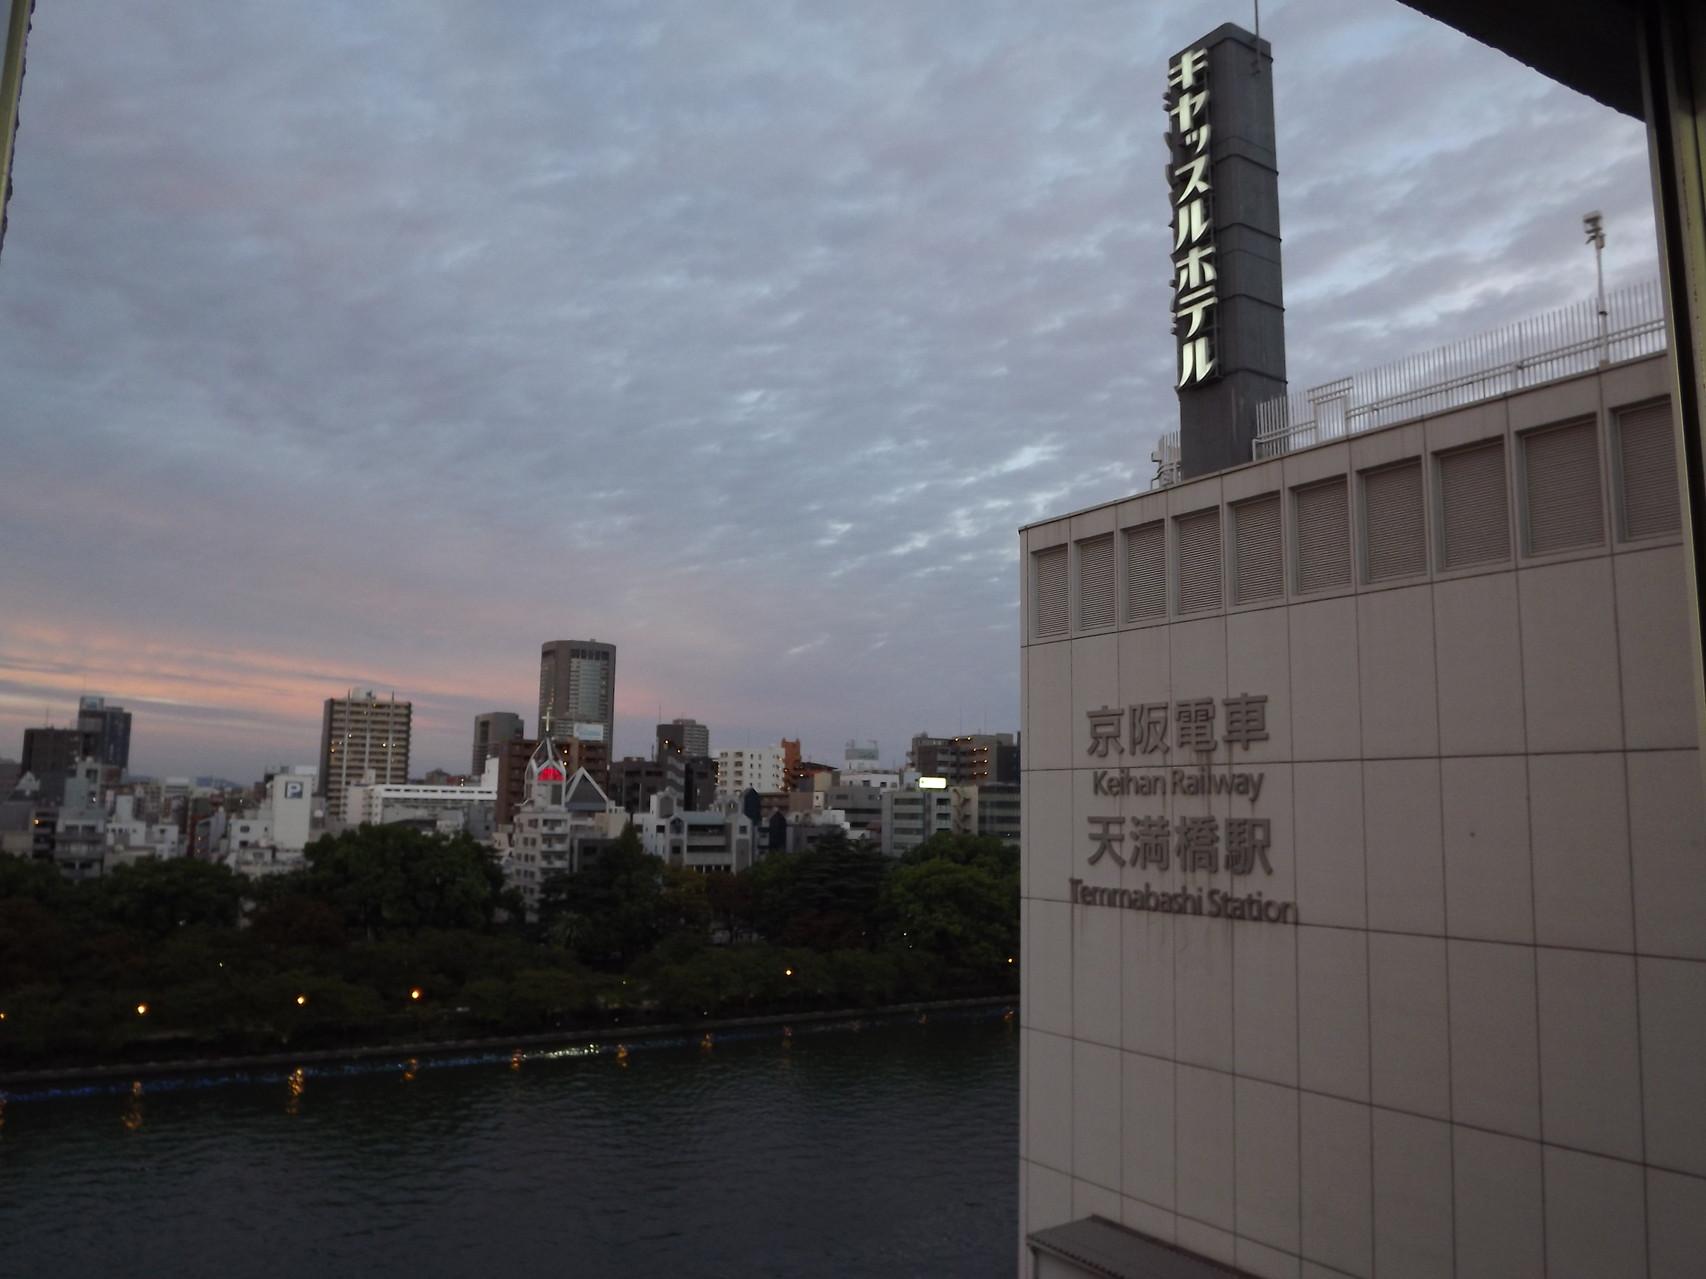 天満橋・天神橋・梅田・大阪・大川・キャッスルホテル